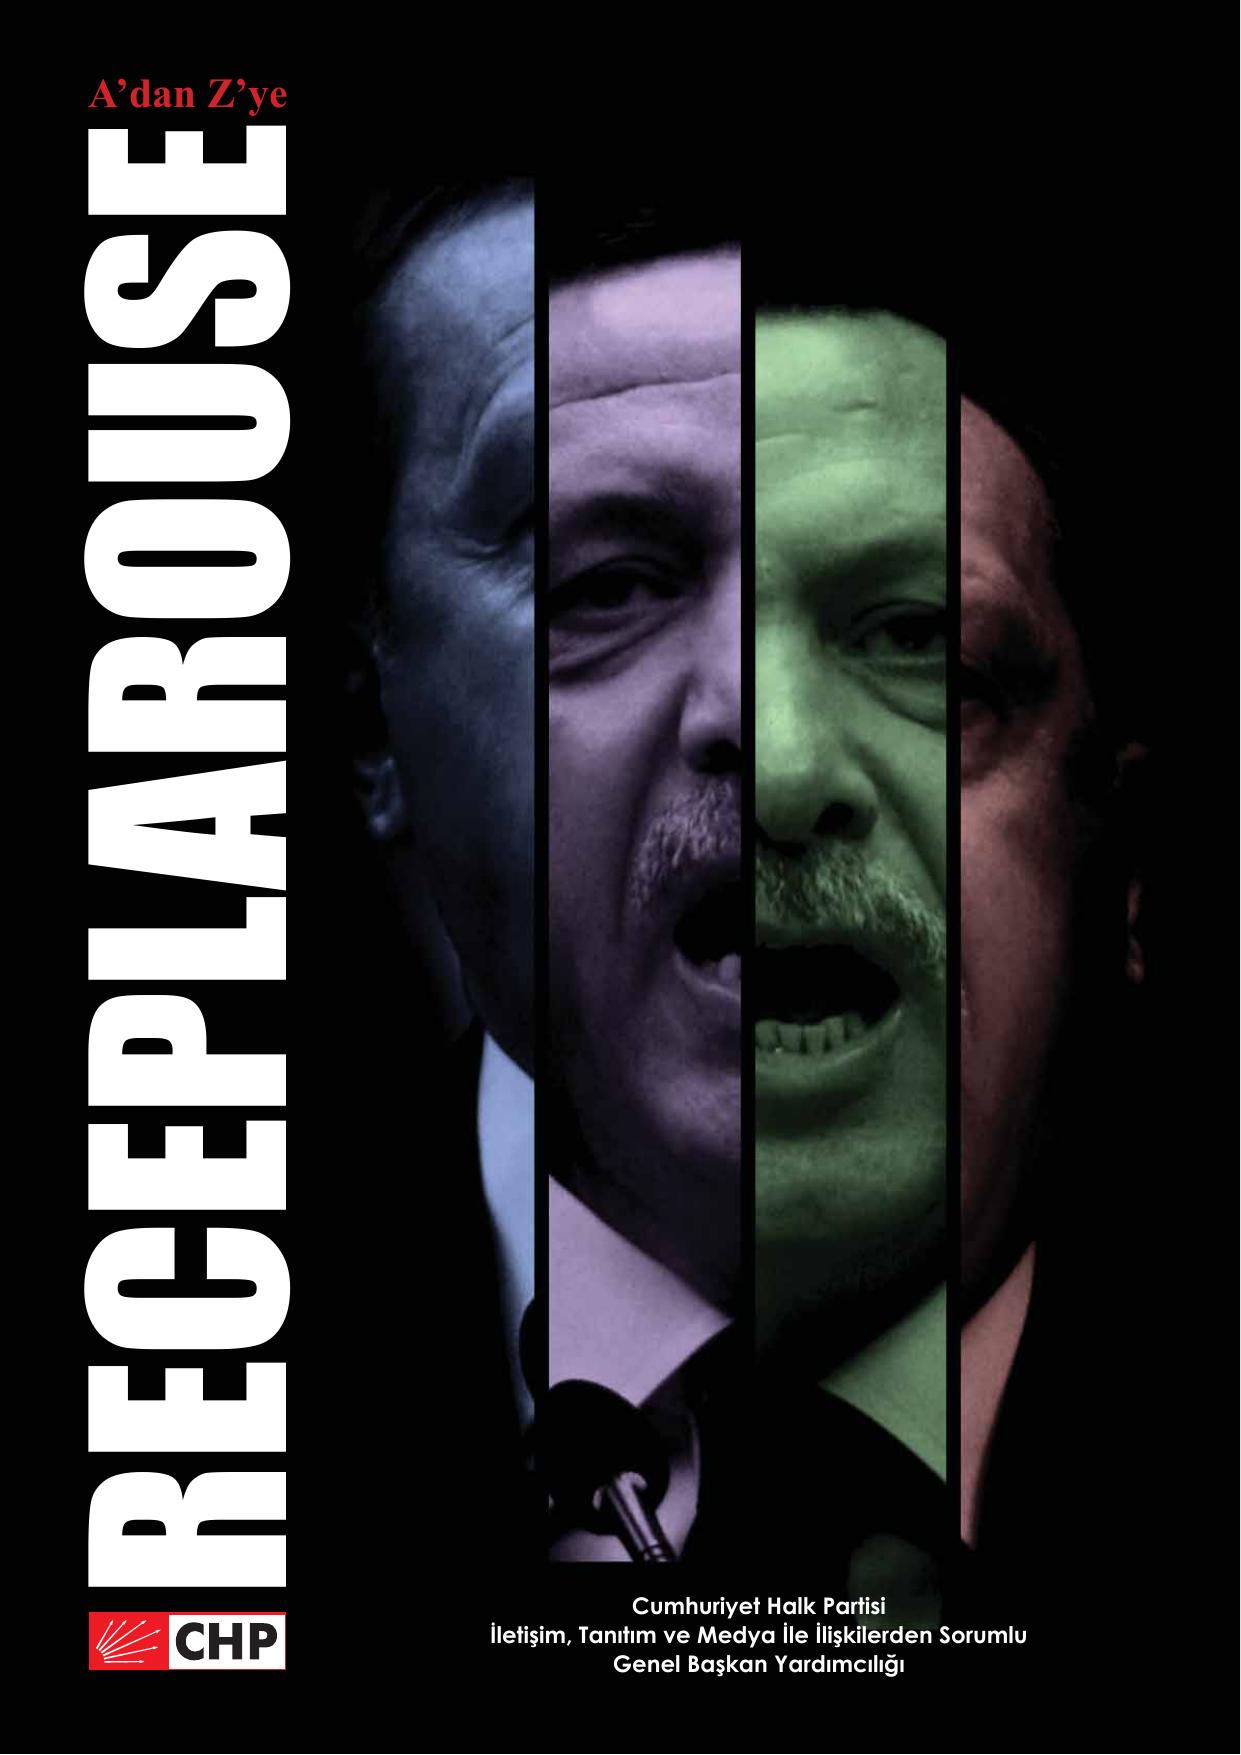 Kılıçdaroğlundan CHPli muhaliflere: Felsefi derinlik gösterin, sabaha bırakır giderim 35